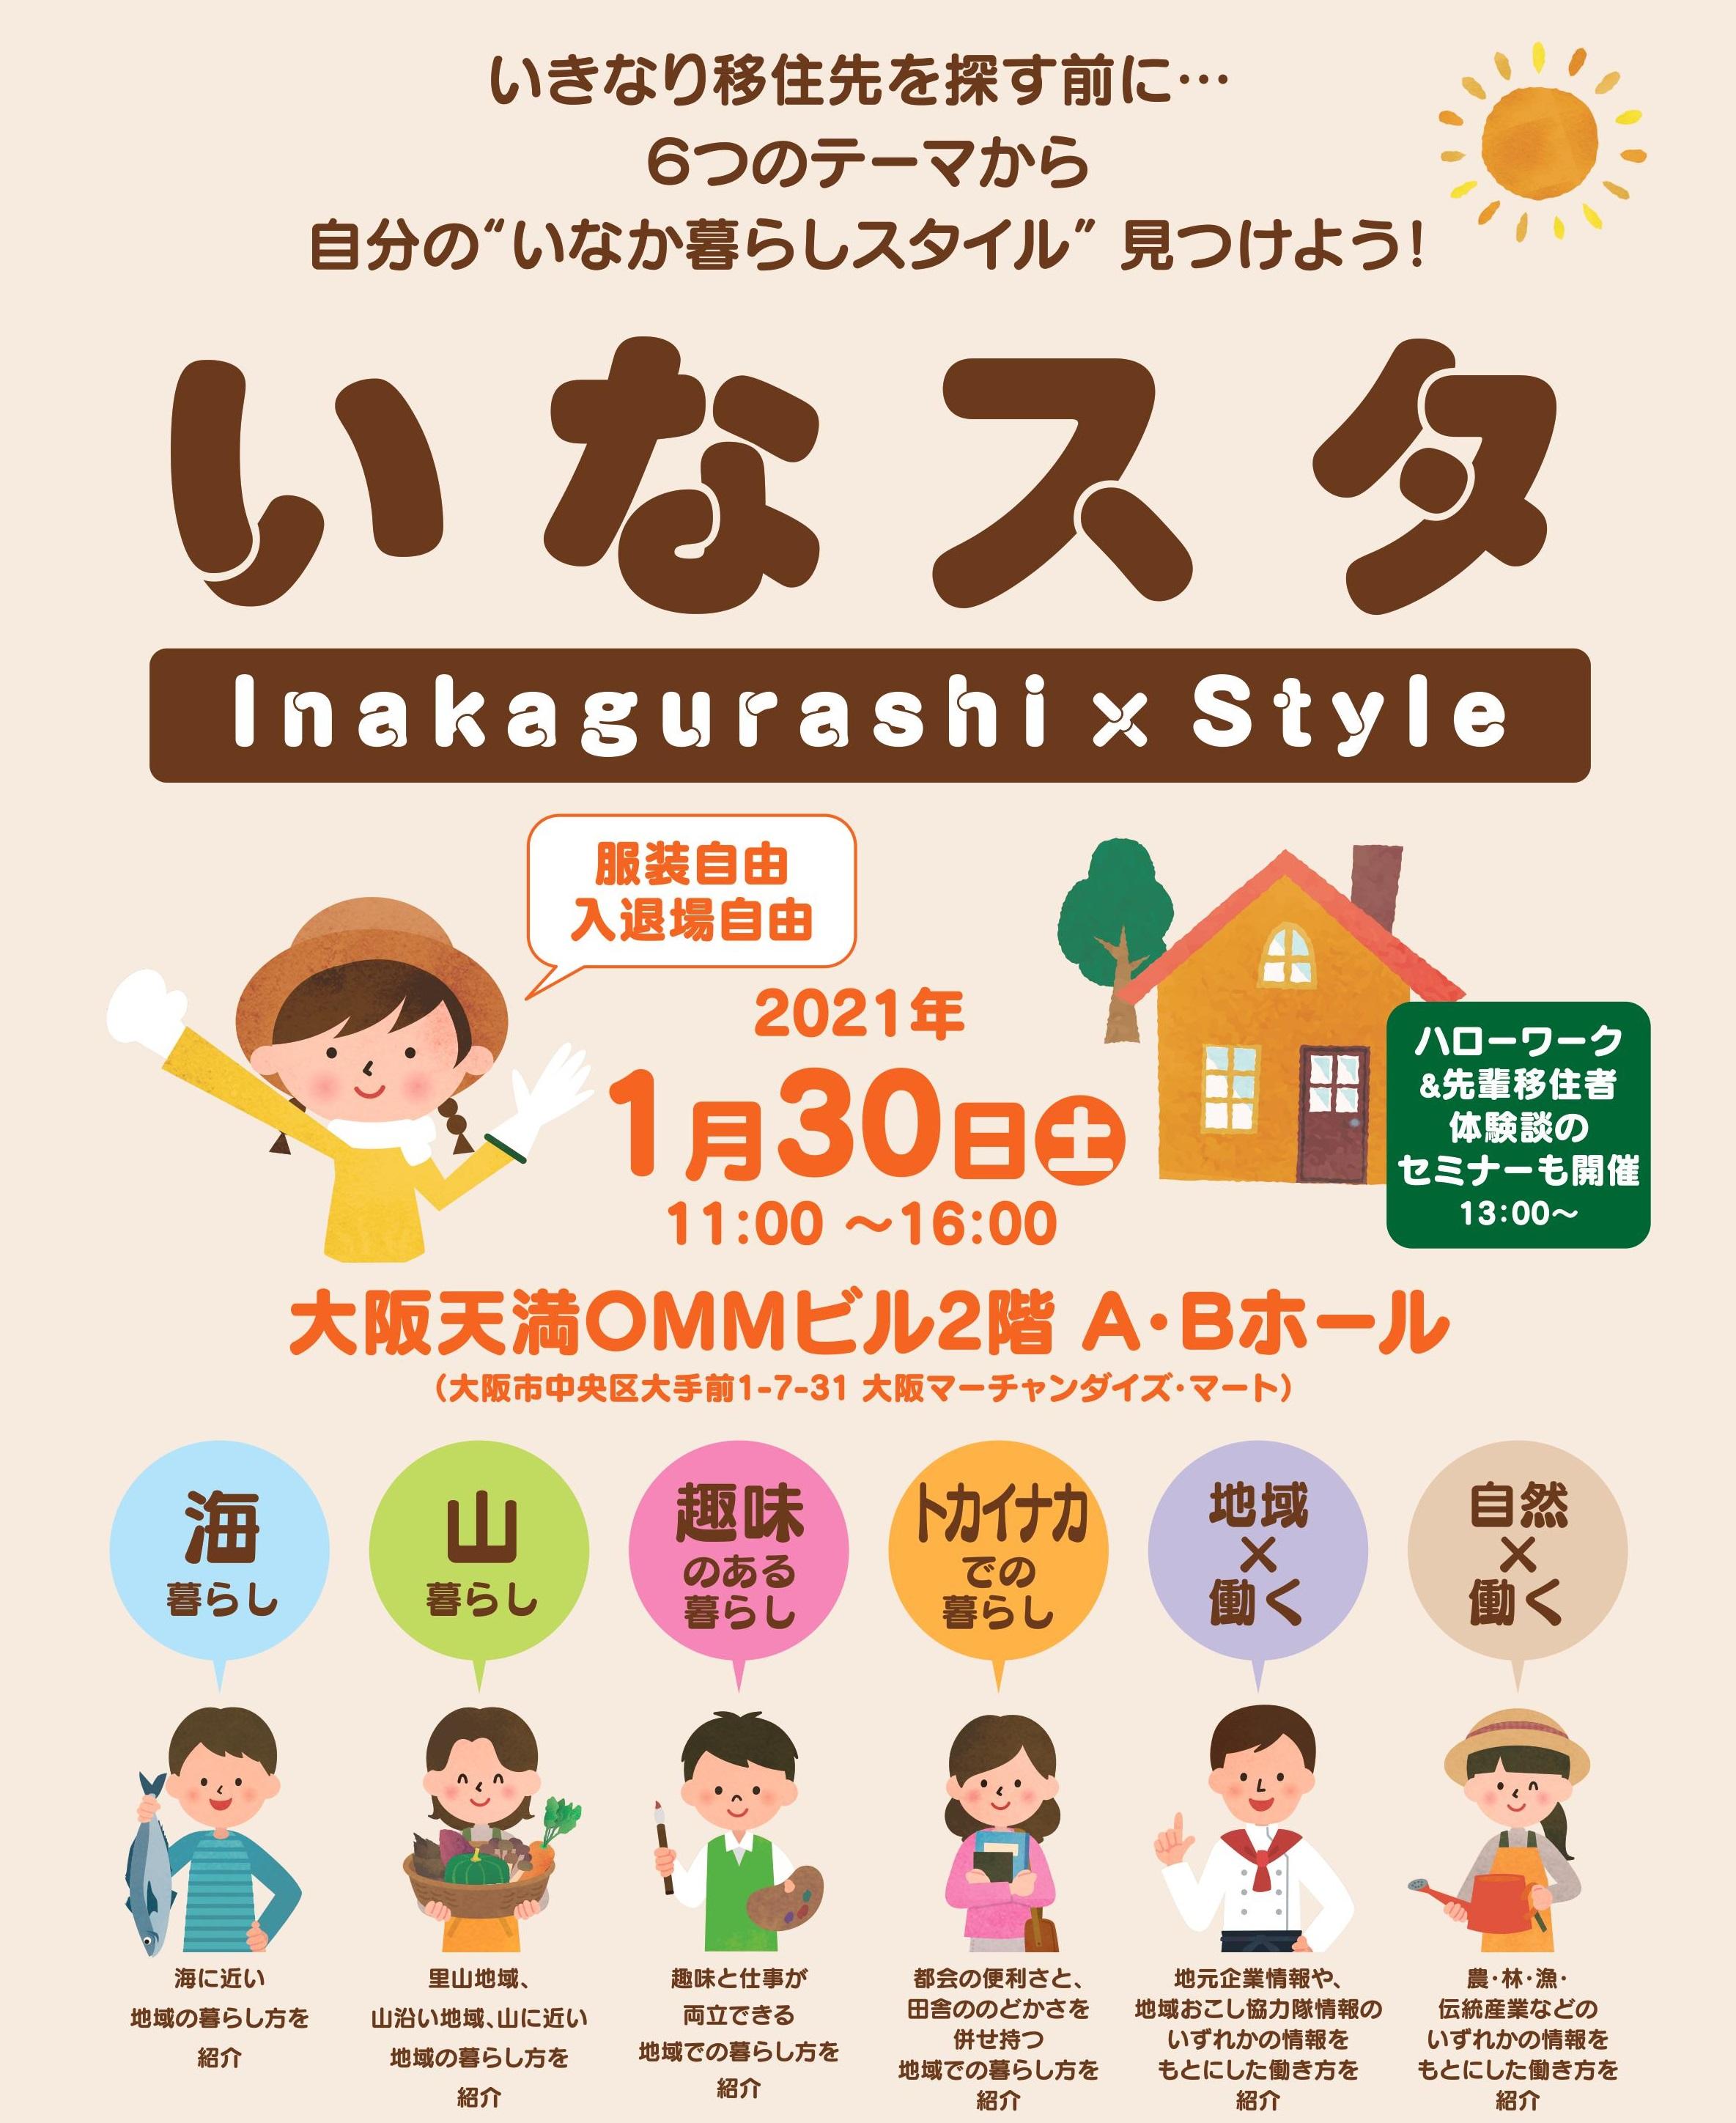 令和3年1月30日(土)いなスタ Inakagurashi×Style